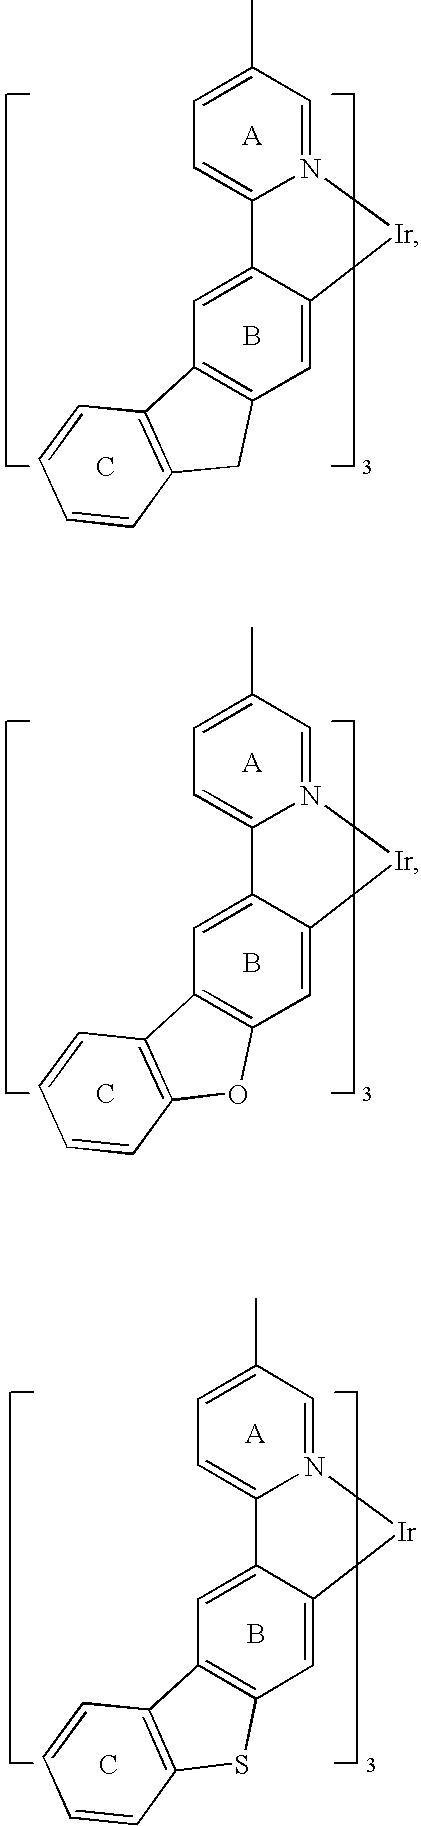 Figure US20070003789A1-20070104-C00106